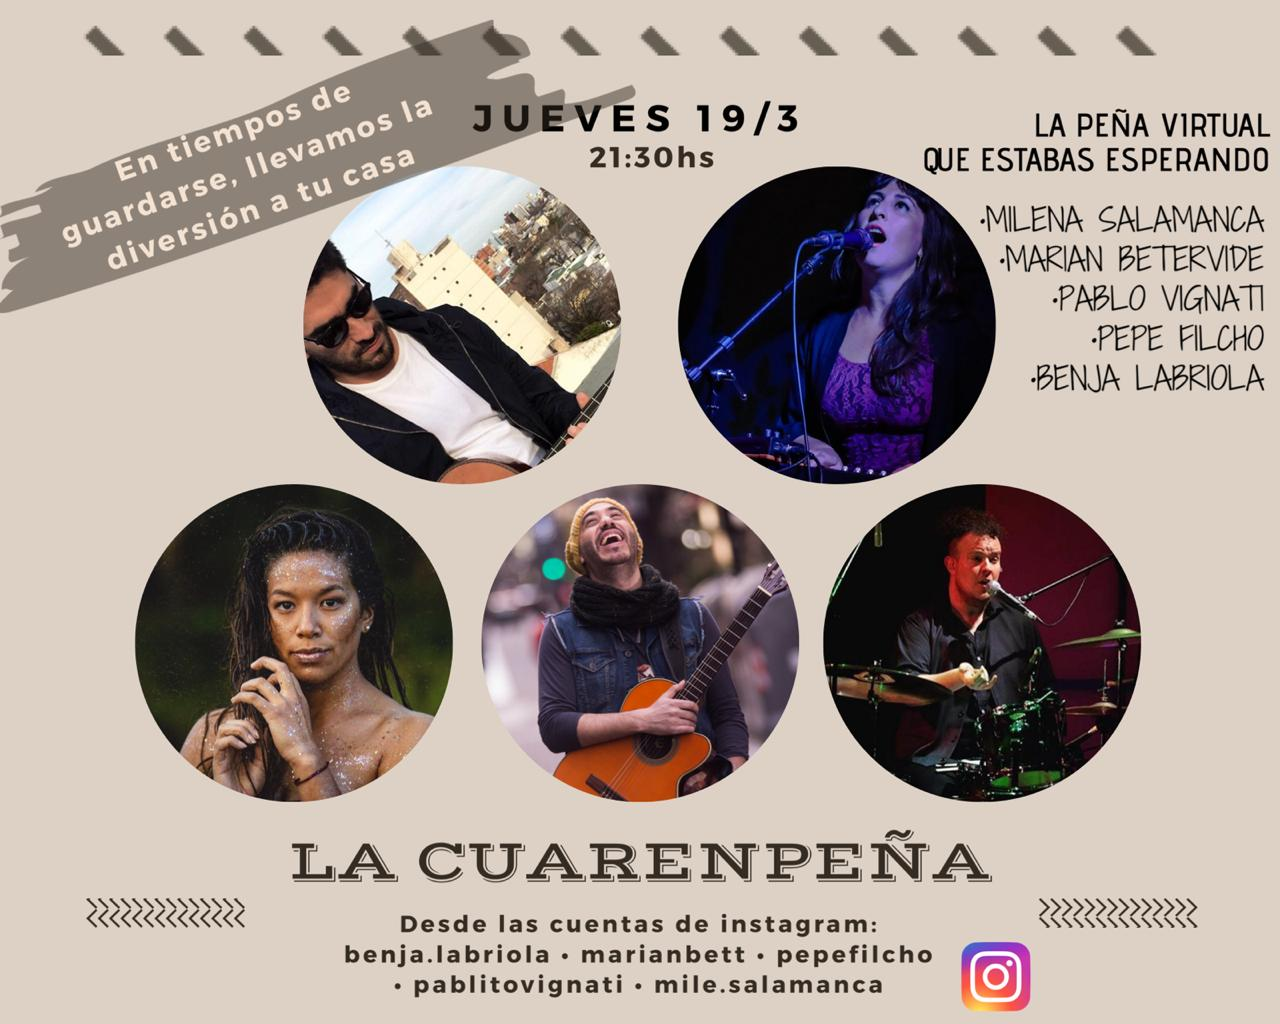 """En plena cuarentena nace la """"CuarenPeña"""" para llevar música y un poco de alegría a través de las redes sociales"""